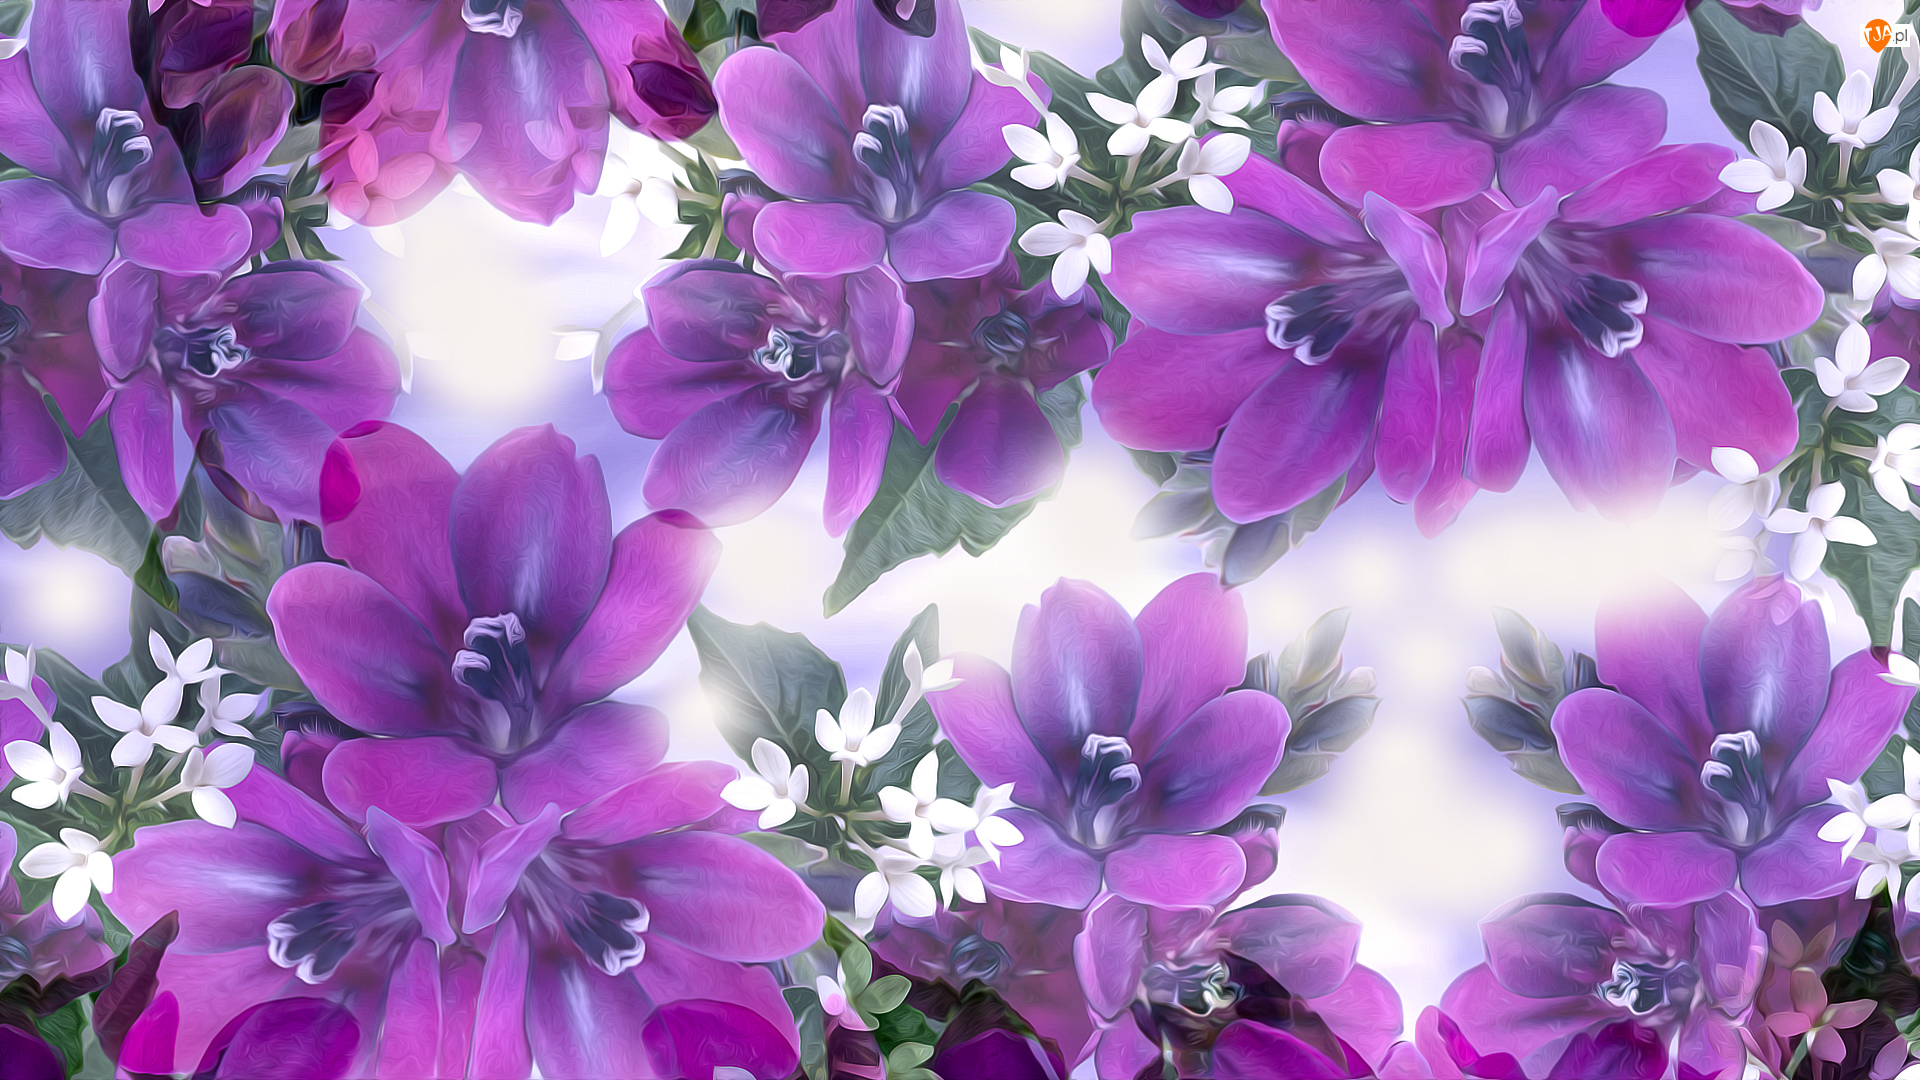 Grafika, Fioletowe, Przymglone, Kwiaty